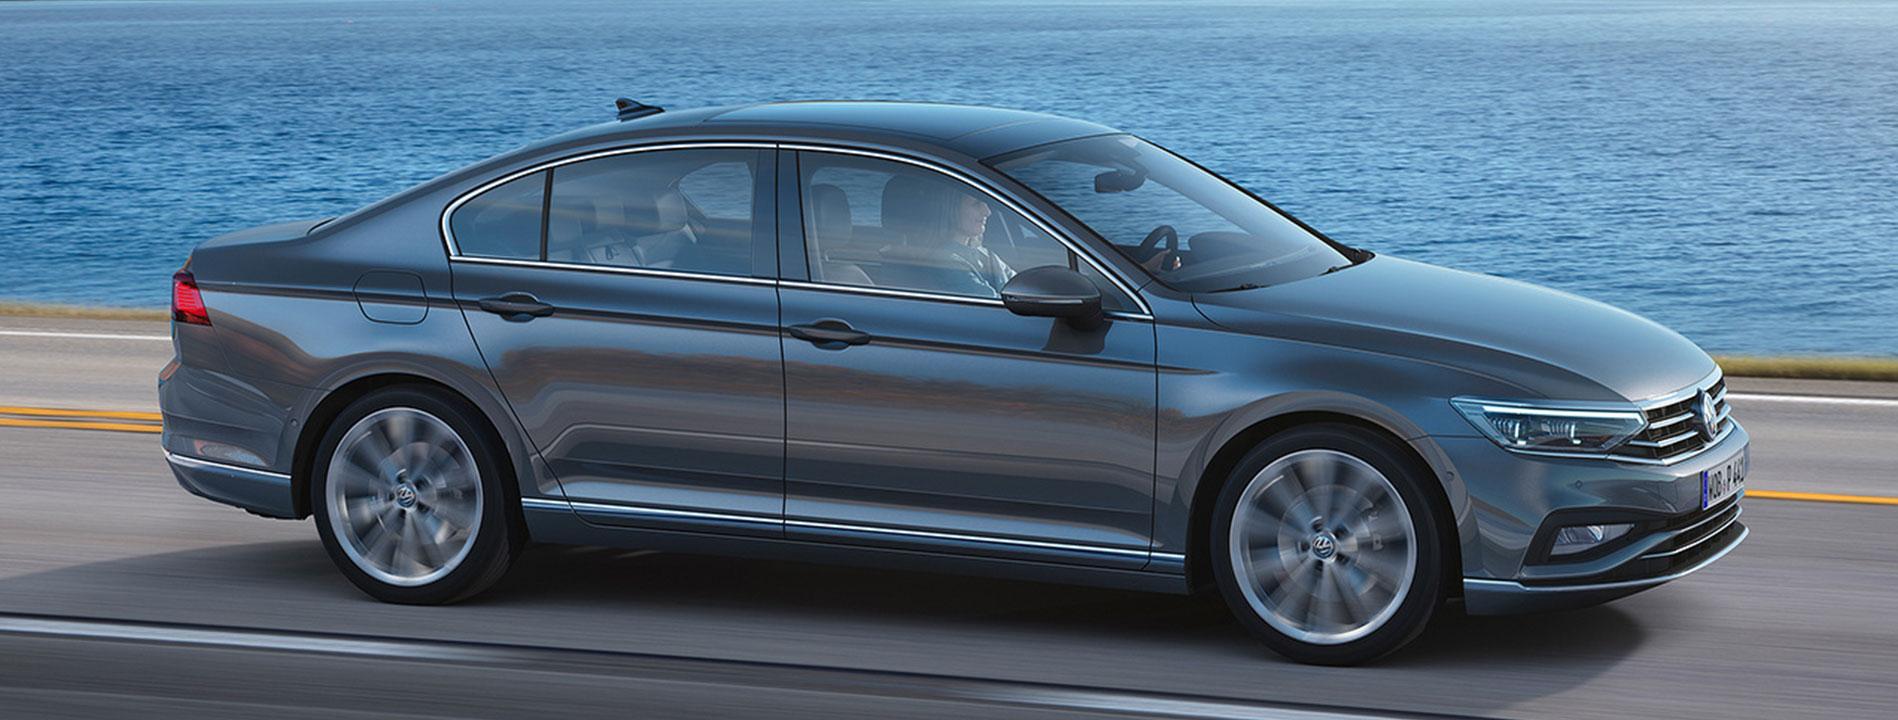 De Volkswagen Passat limousine